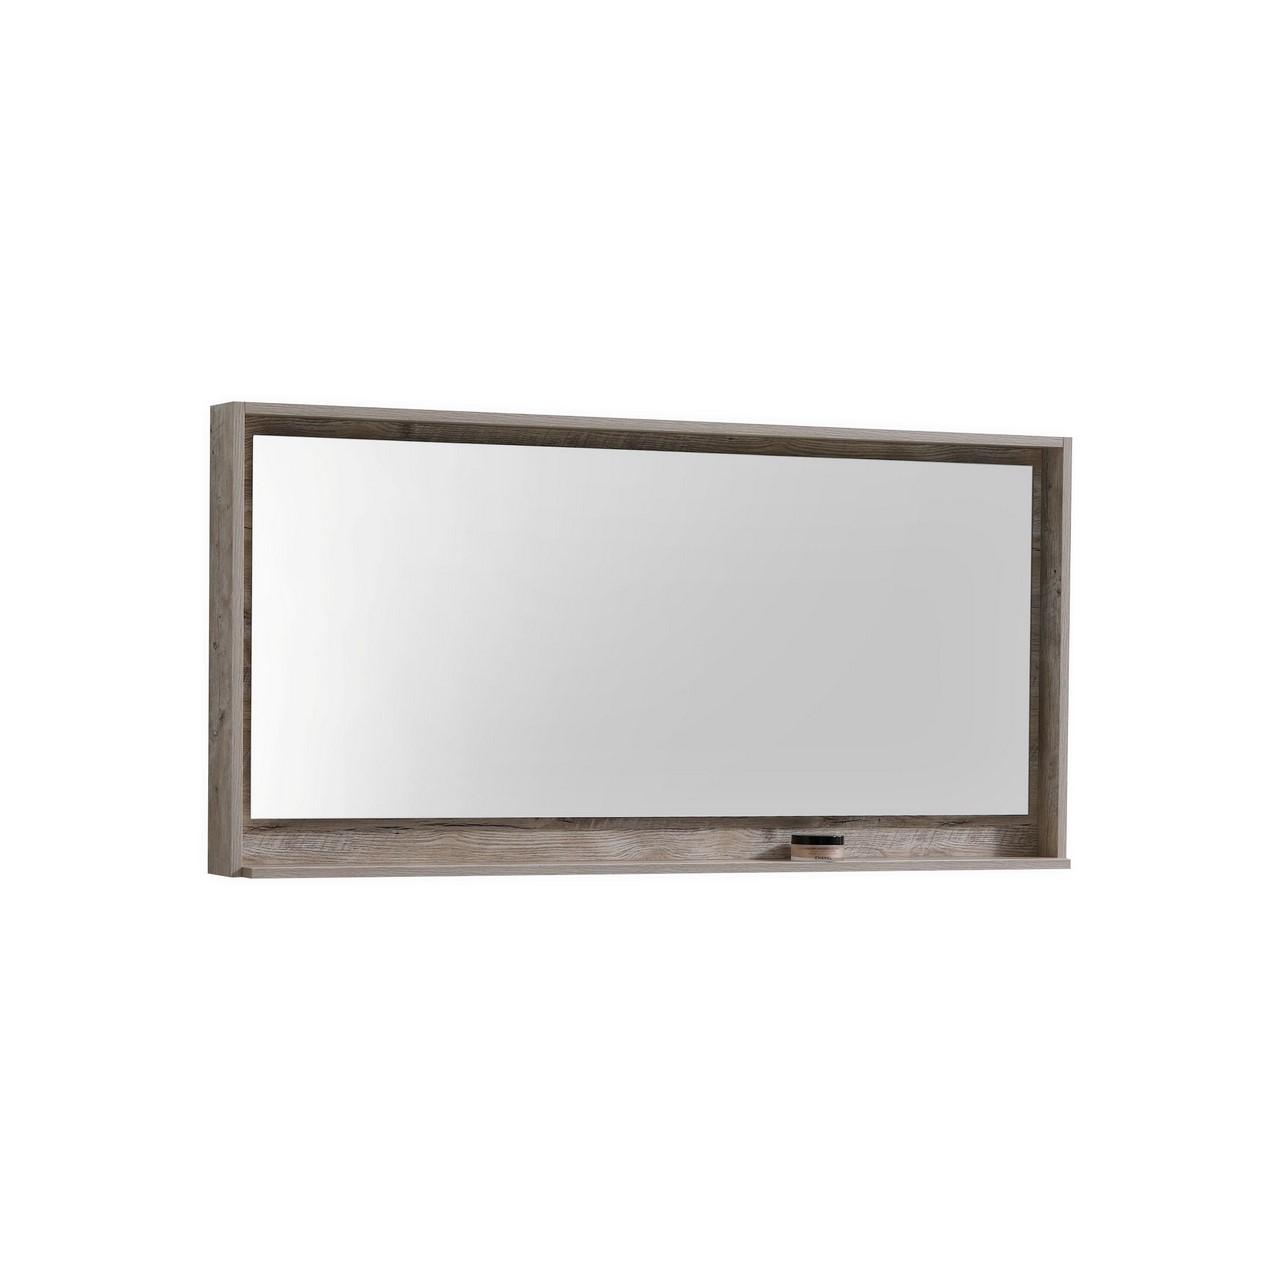 60 Quot Wide Mirror W Shelf Nature Wood Montreal Vanity